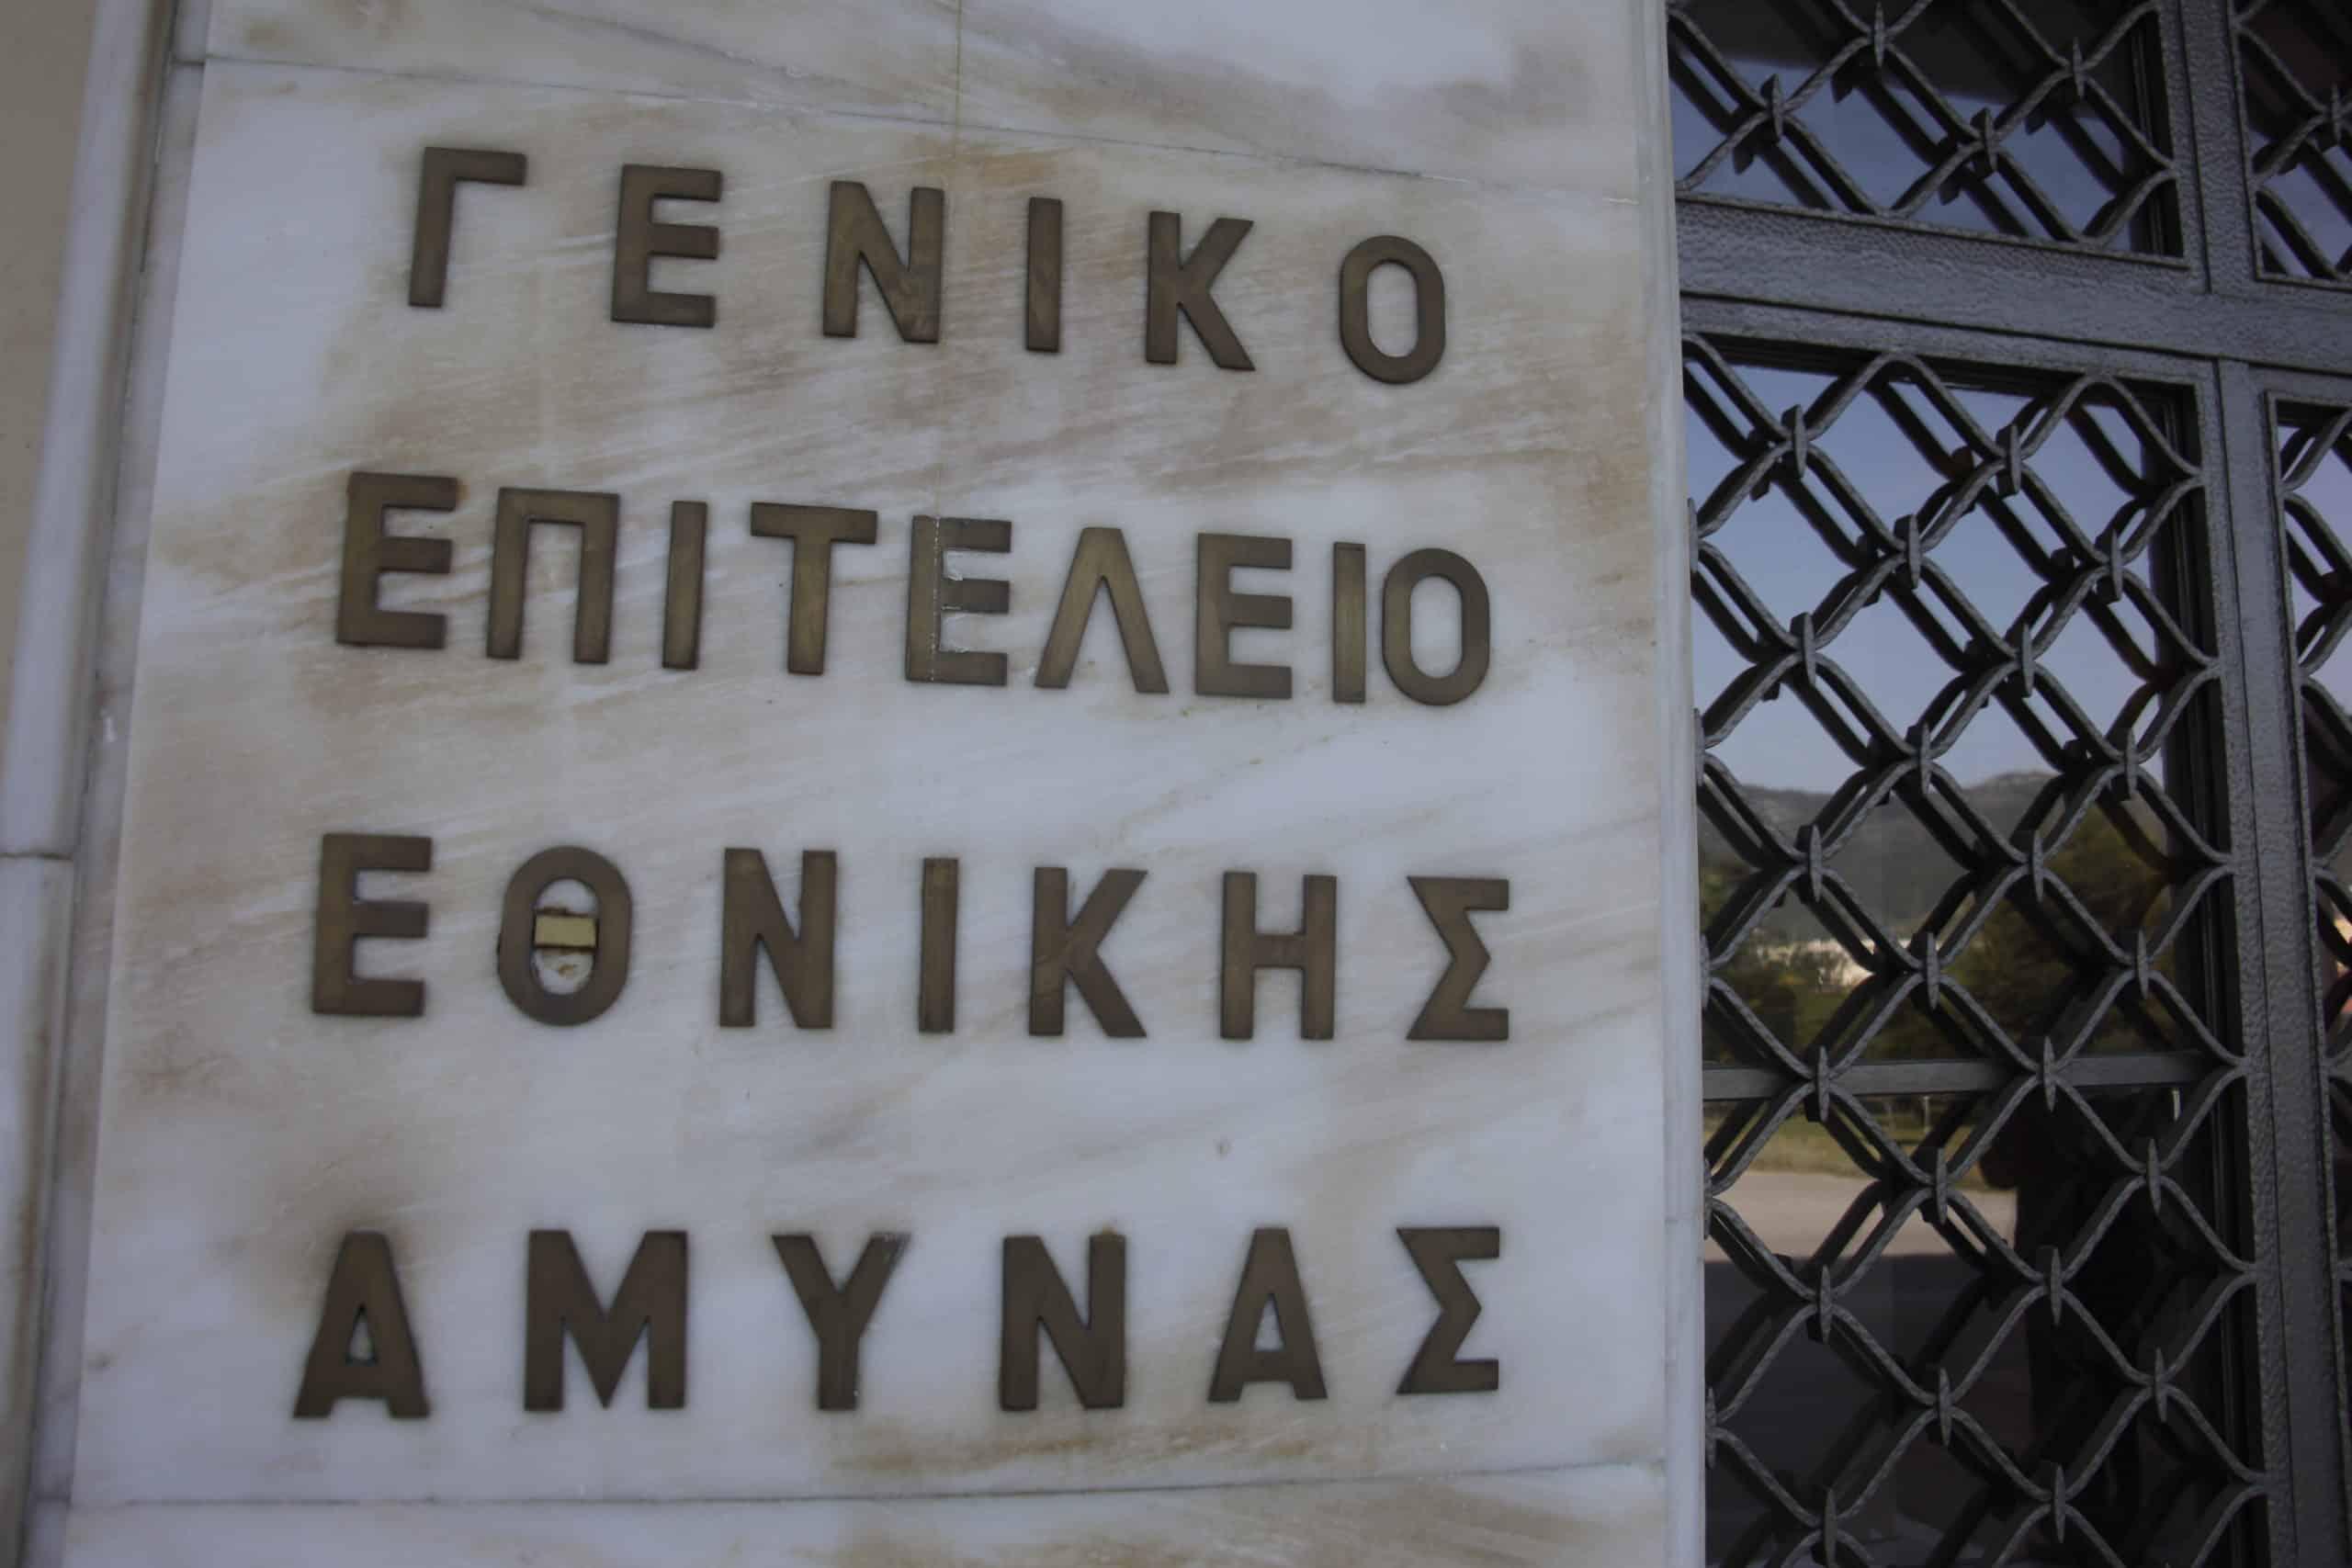 Αλεξιπτωτιστές Ρεντίνα: «Εγκλωβισμένοι» ΟΒΑ εκπέμπουν SOS - Καλούνται τις επόμενες ημέρες να δώσουν εξετάσεις, αλλά είναι υπό περιορισμό γεεθα άδεια Ελλάδα & Βόρεια Μακεδονία θα ανταλλάσσουν στρατιωτικές πληροφορίες ΓΕΕΘΑ: ΜΗΝ κλείνετε ραντεβού στο emvolio.gov.gr - ΕΠΕΙΓΟΝ σήμα ΓΕΕΘΑ: Σε καραντίνα και οι Ένοπλες Δυνάμεις - Νέα μέτρα Άσκηση ΠΑΡΜΕΝΙΩΝ 2020 - Αναβολή ανακοίνωσε το ΓΕΕΘΑ Νεκρός ο ΕΠΟΠ αλεξιπτωτιστής - Επιβεβαιώνει το ΓΕΕΘΑ τις πληροφορίες που δημοσίευσε το Armyvoice.gr για το δυστύχημα στις ειδικές δυνάμεις Κορονοϊός: ΕΚΤΑΚΤΑ ΜΕΤΡΑ ΓΕΕΘΑ στις Ένοπλες Δυνάμεις Δυνάμεις: Τι αλλάζει από σήμερα 1 Ιουνίου ΓΕΕΘΑ: Κρούσμα σε ένα στέλεχος στο 401 Στρατιωτικό νοσοκομείο ΟΒΑ Προκήρυξη 2020: Παρατείνεται η προθεσμία υποβολής ΓΕΕΘΑ: Αυτά είναι τα μέτρα κατά του Covid-19 που έλαβαν οι Ένοπλες Δυνάμεις για την διασφάλιση των στελεχών και της δημόσιας υγείας Θερμομετρήσεις στα στρατόπεδα ανακοίνωσε το ΓΕΕΘΑ